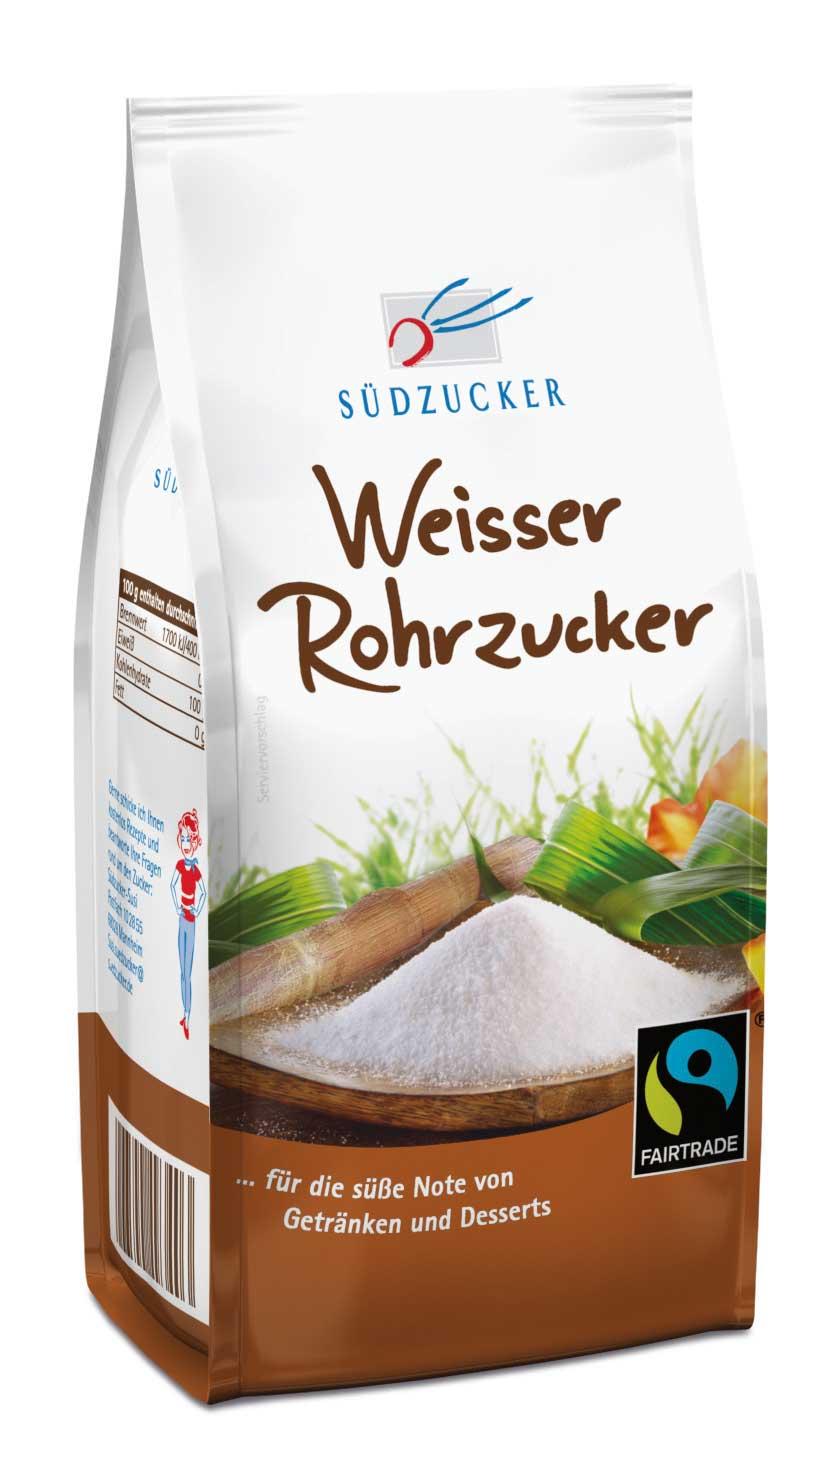 Weisser Rohrzucker